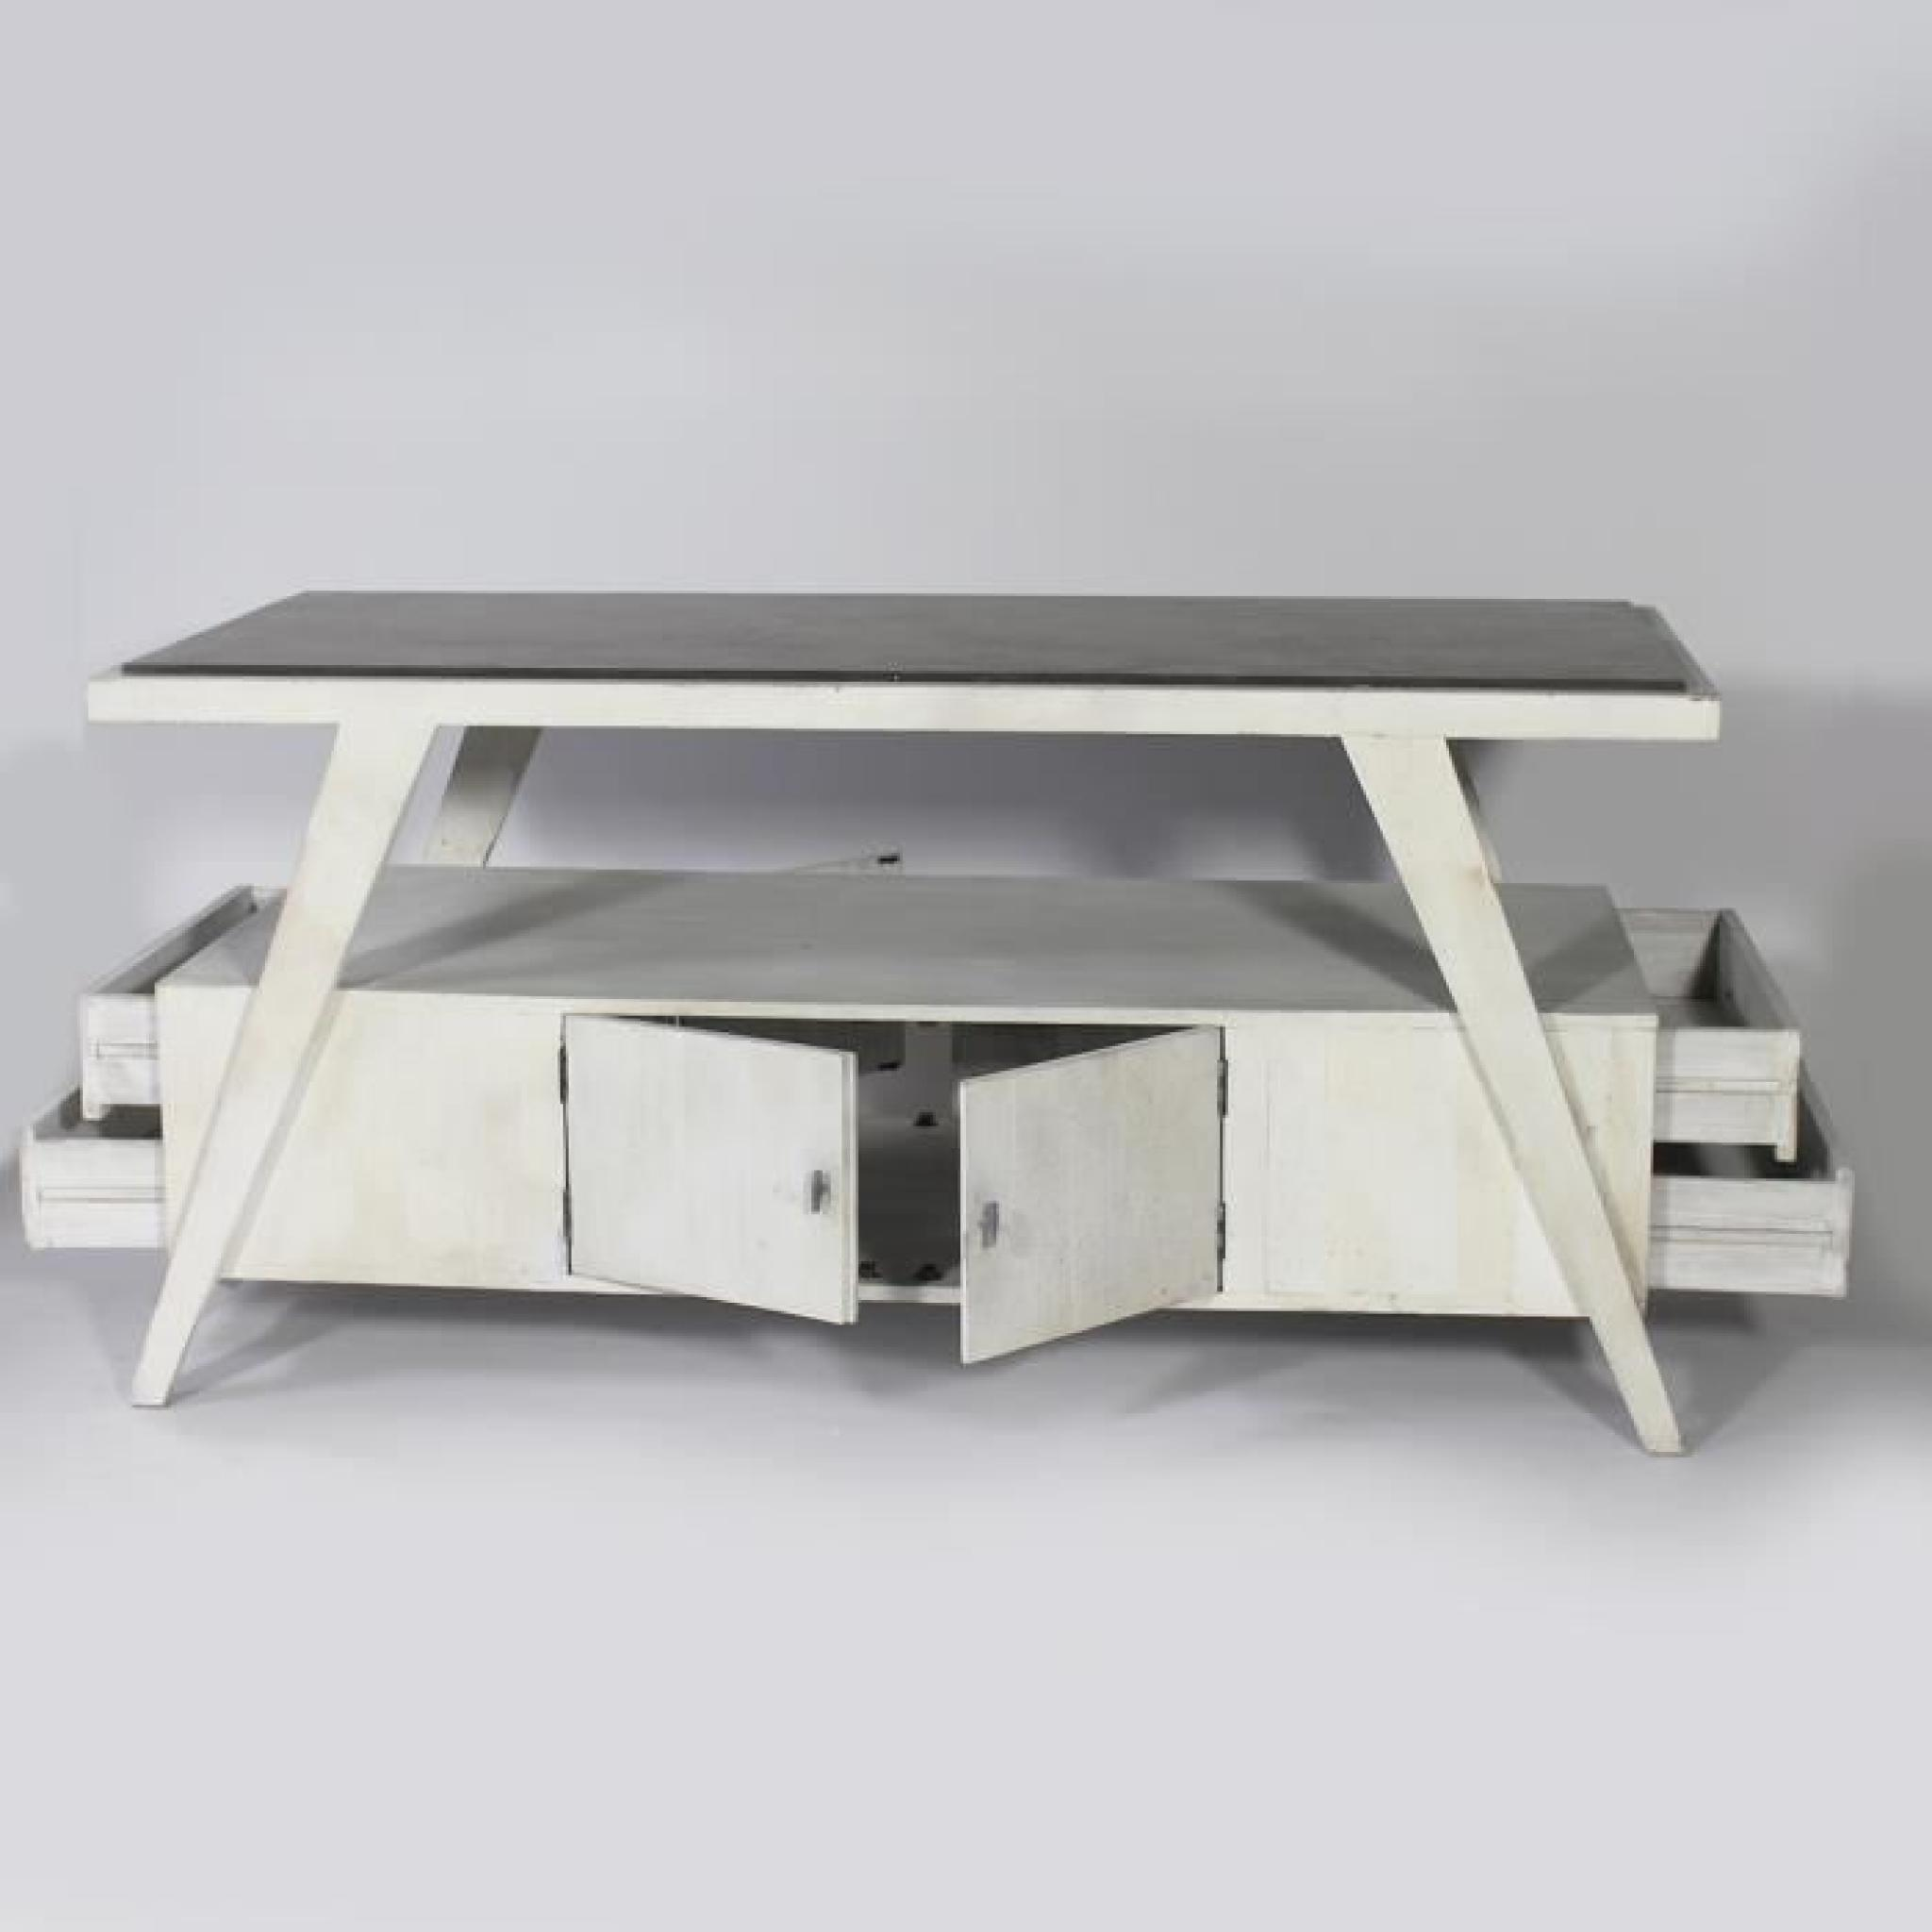 centre de cuisine vieux bois pierre naturelle achat vente buffet pas cher couleur et. Black Bedroom Furniture Sets. Home Design Ideas